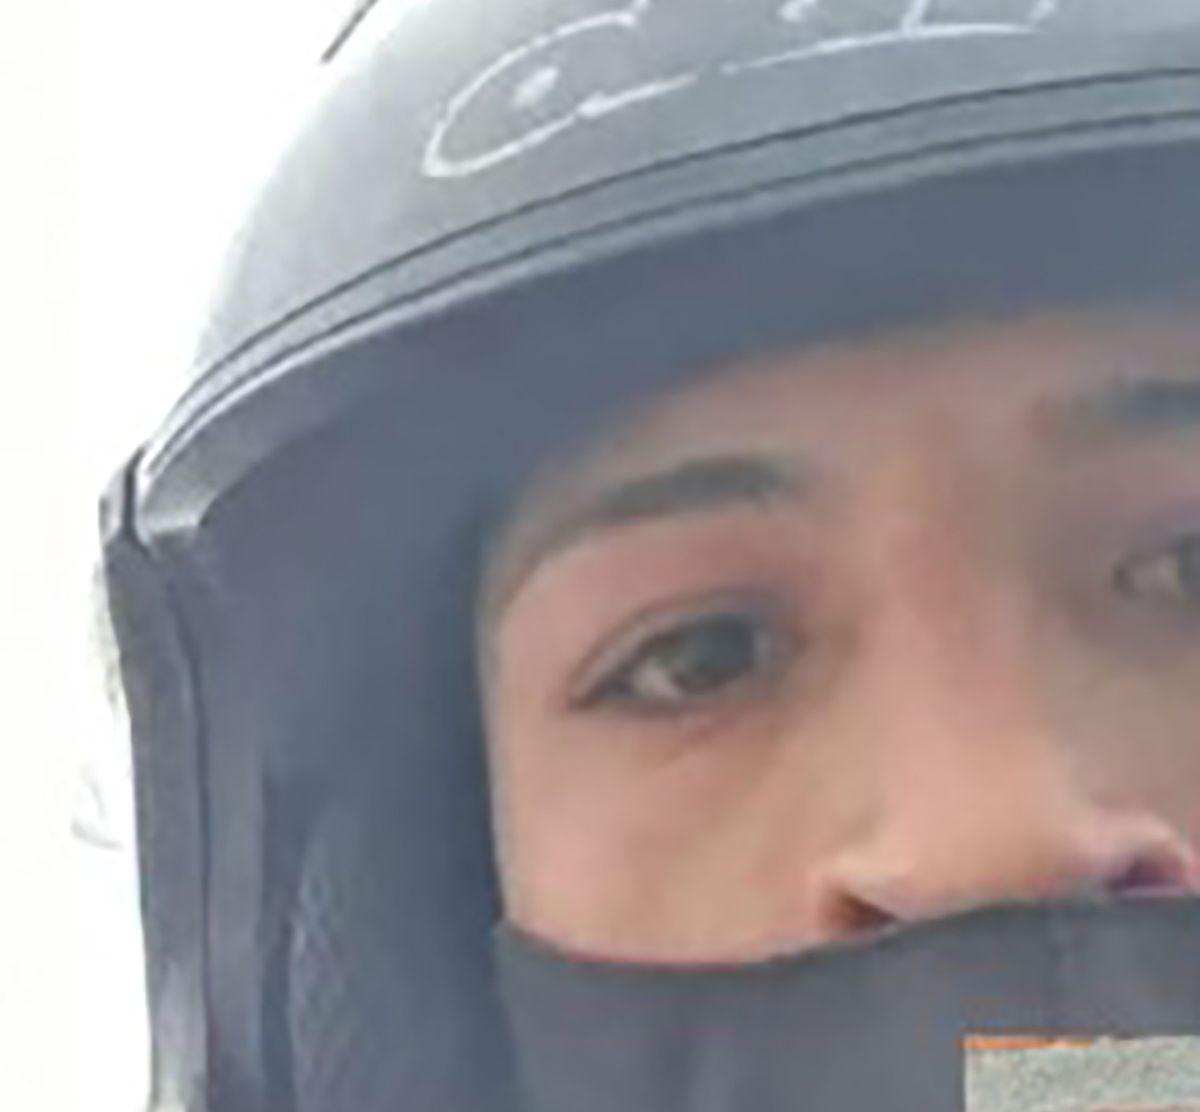 Le robaron el celular mientras hacía una videollamada y capturaron al ladrón